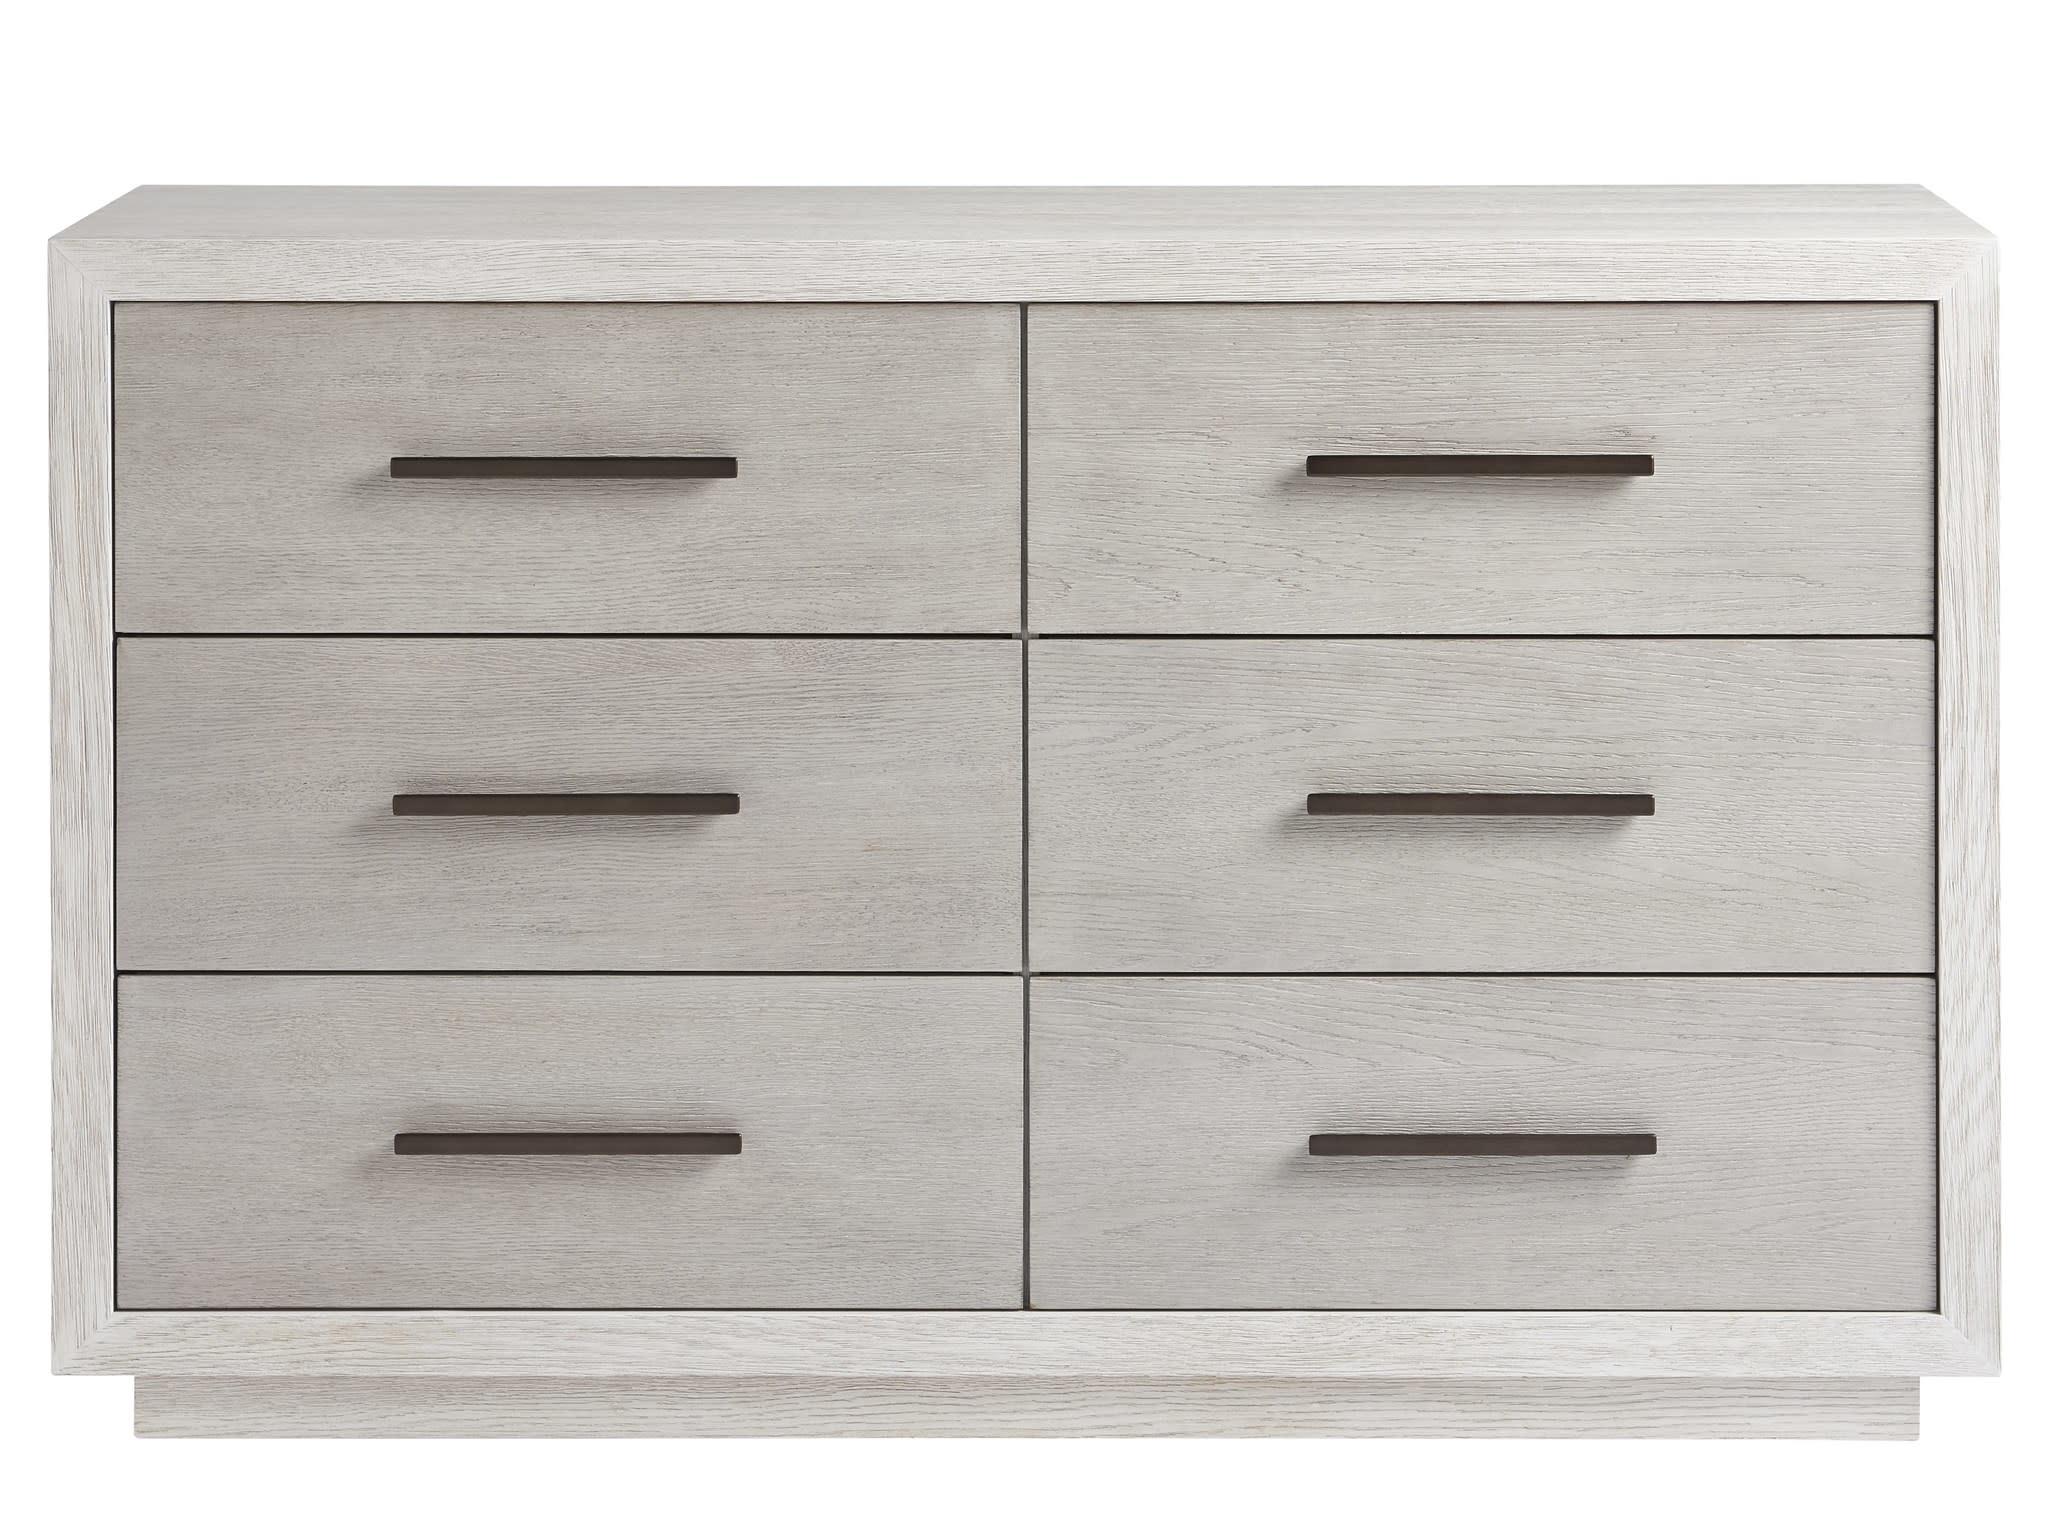 Smartstuff Furniture Modern Spirit Drawer Dresser